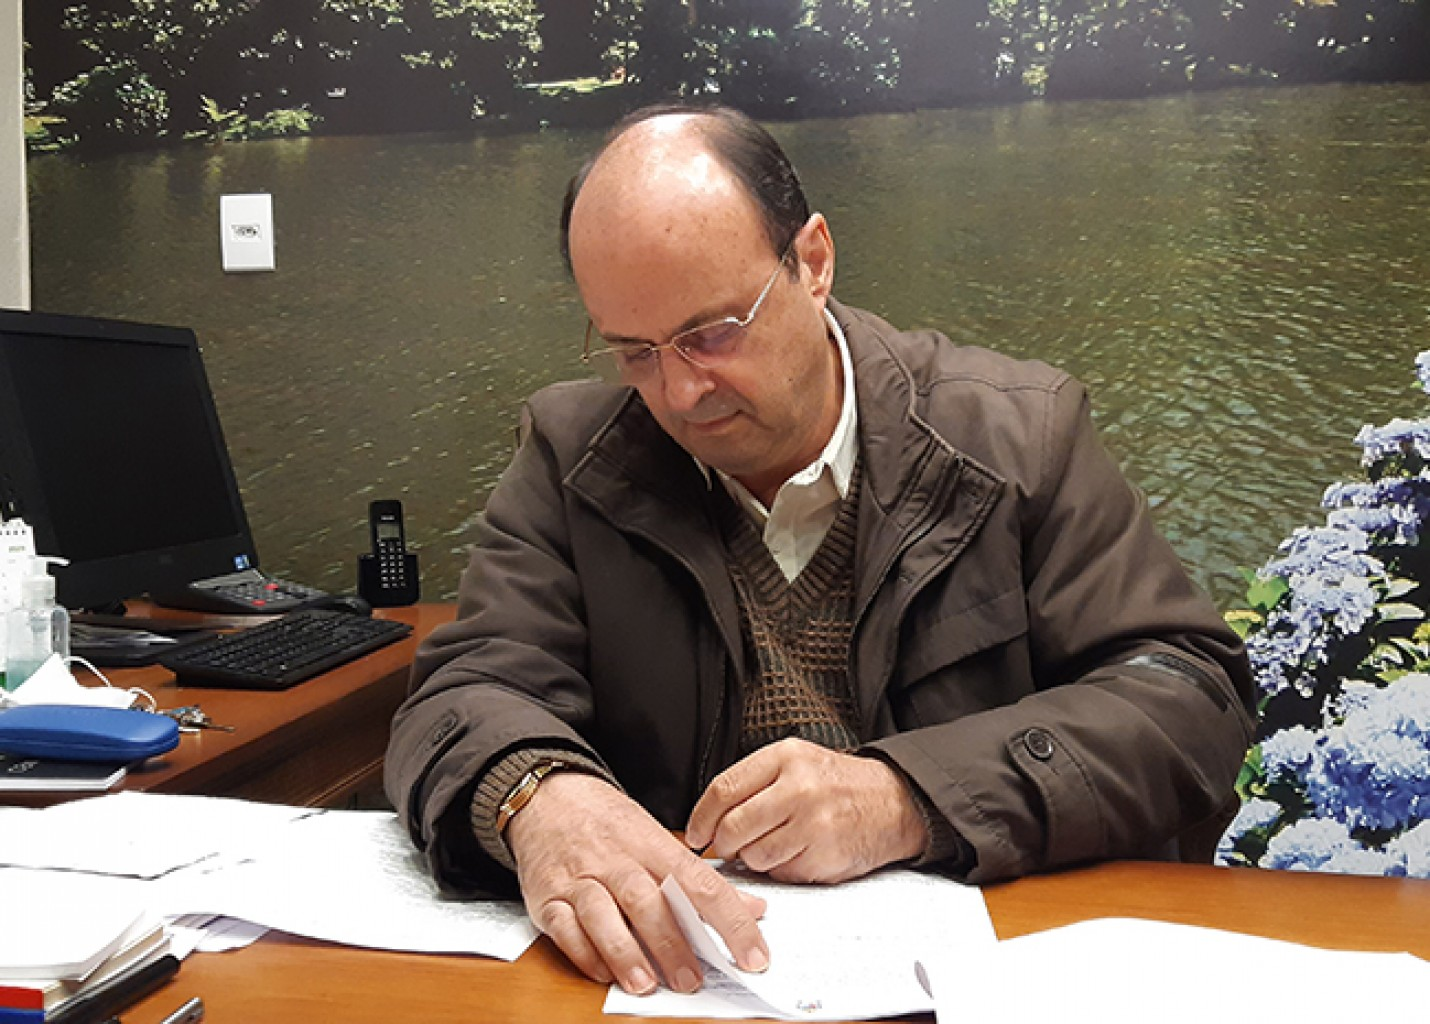 Decreto reabre hotéis, parques e museus em Gramado (RS)